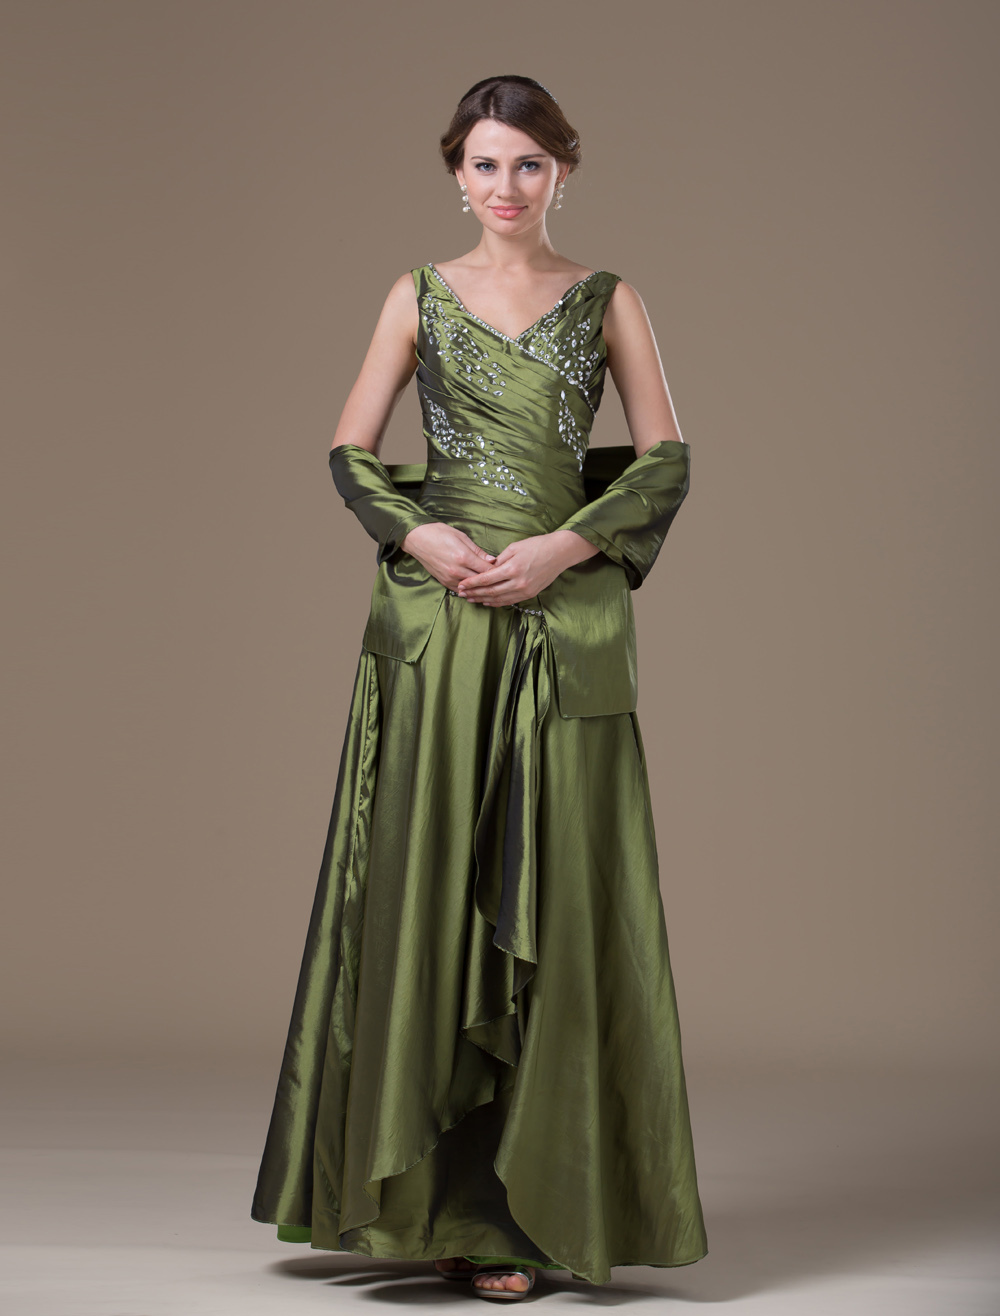 85395716fa Mother Of Bride Dress Green Wrap V Neck Floor Length Taffeta Wedding Guest  Dresses - Milanoo.com